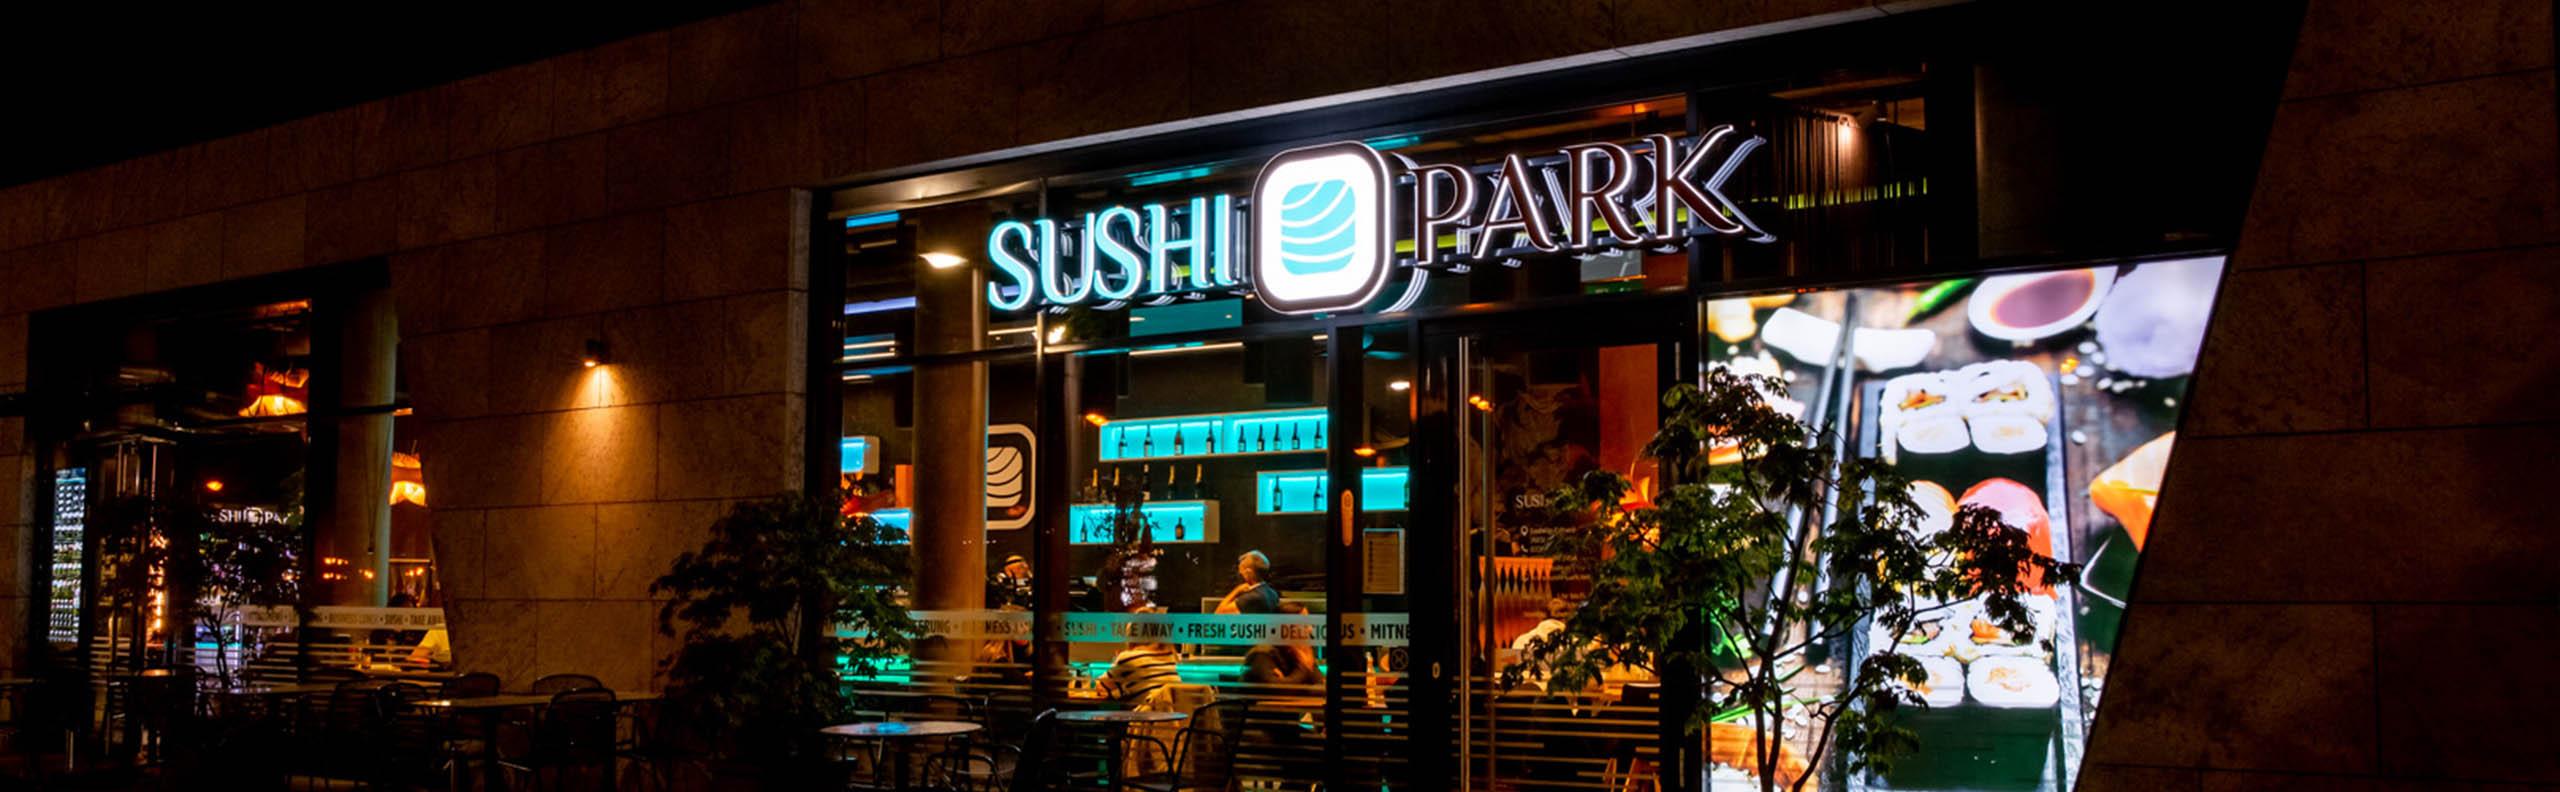 Sushi Park Schnellrestaurant Karlsruhe